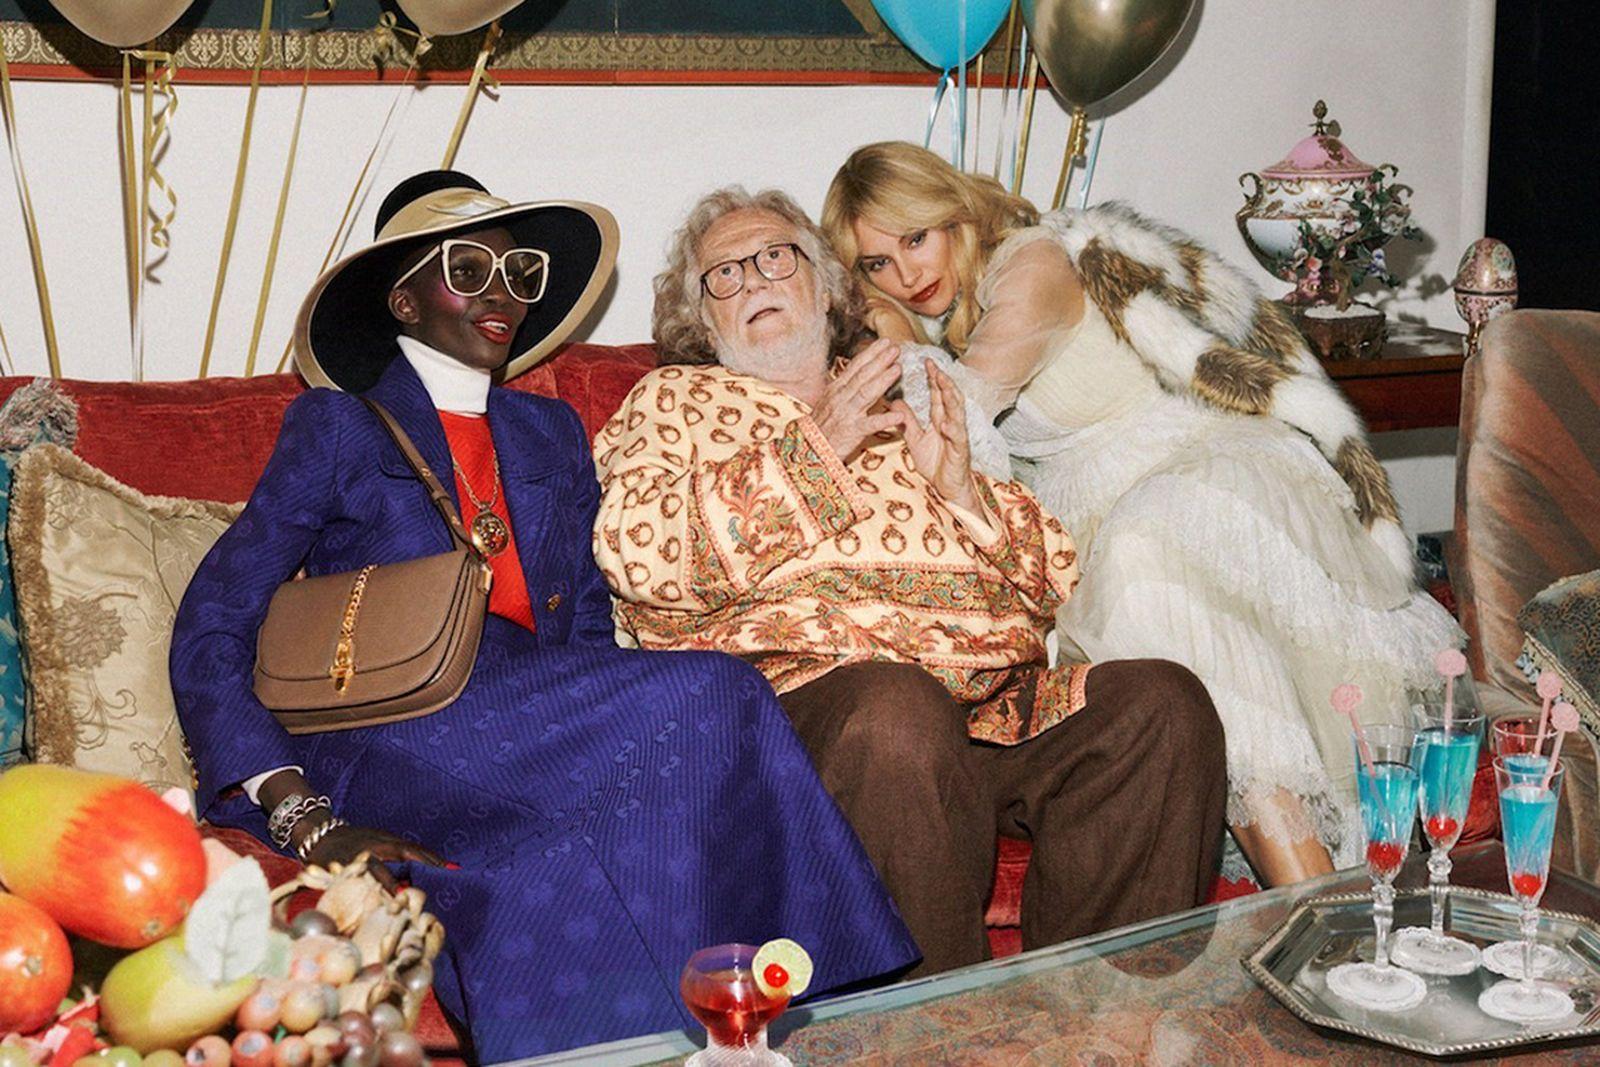 gucci cruise 2020 campaign Gucci Mane iggy pop